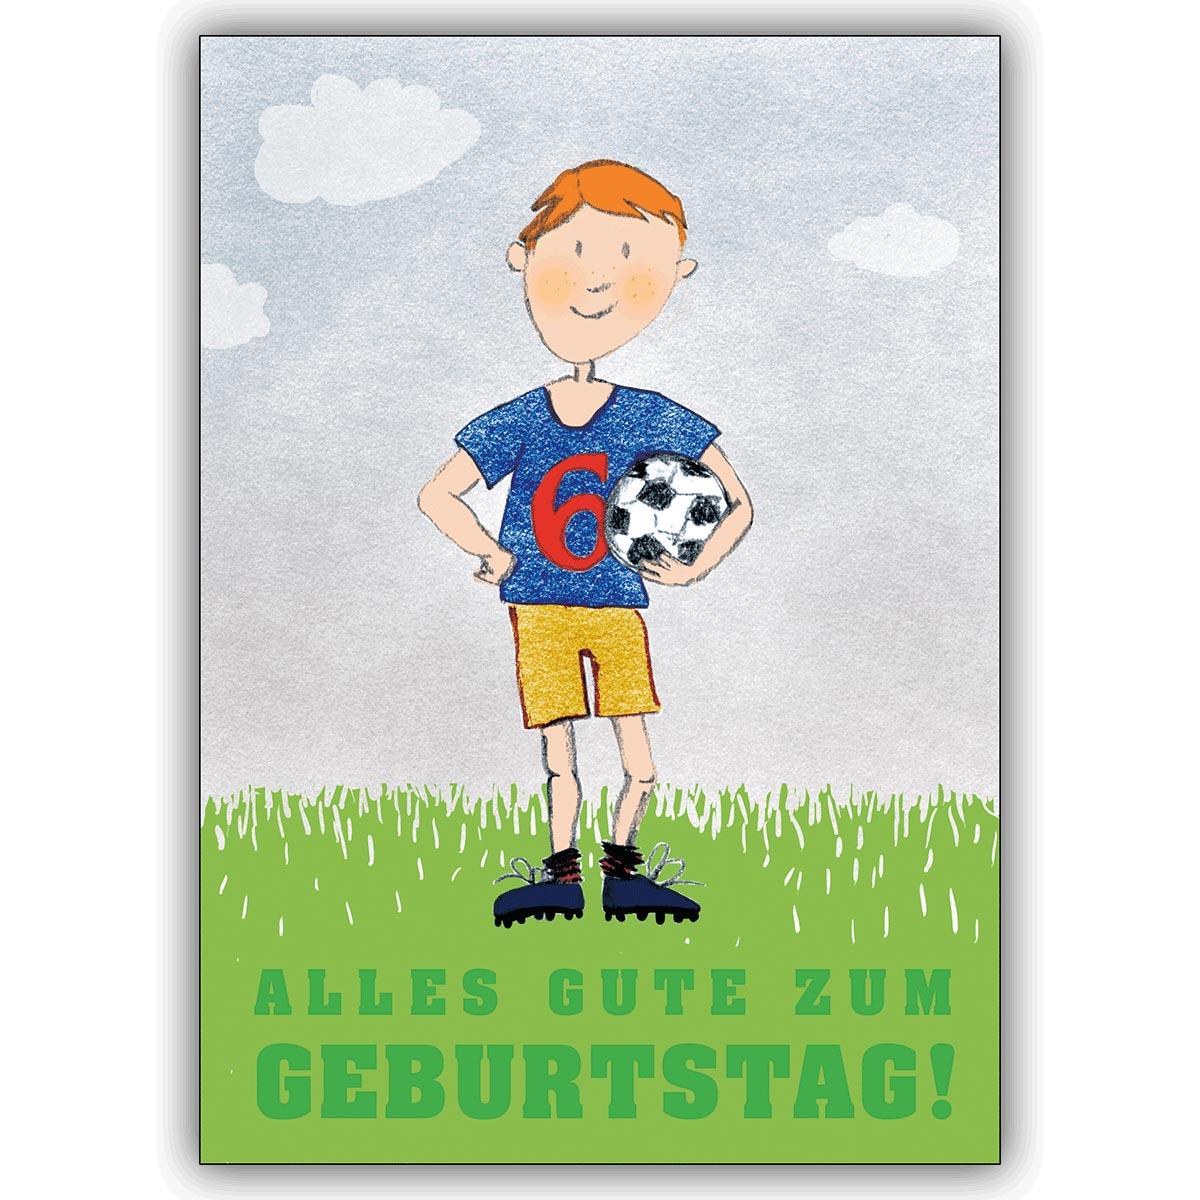 Tolle Grusskarte zum 3. Geburtstag mit frechem Fußballer: Alles Gute zum  Geburtstag!